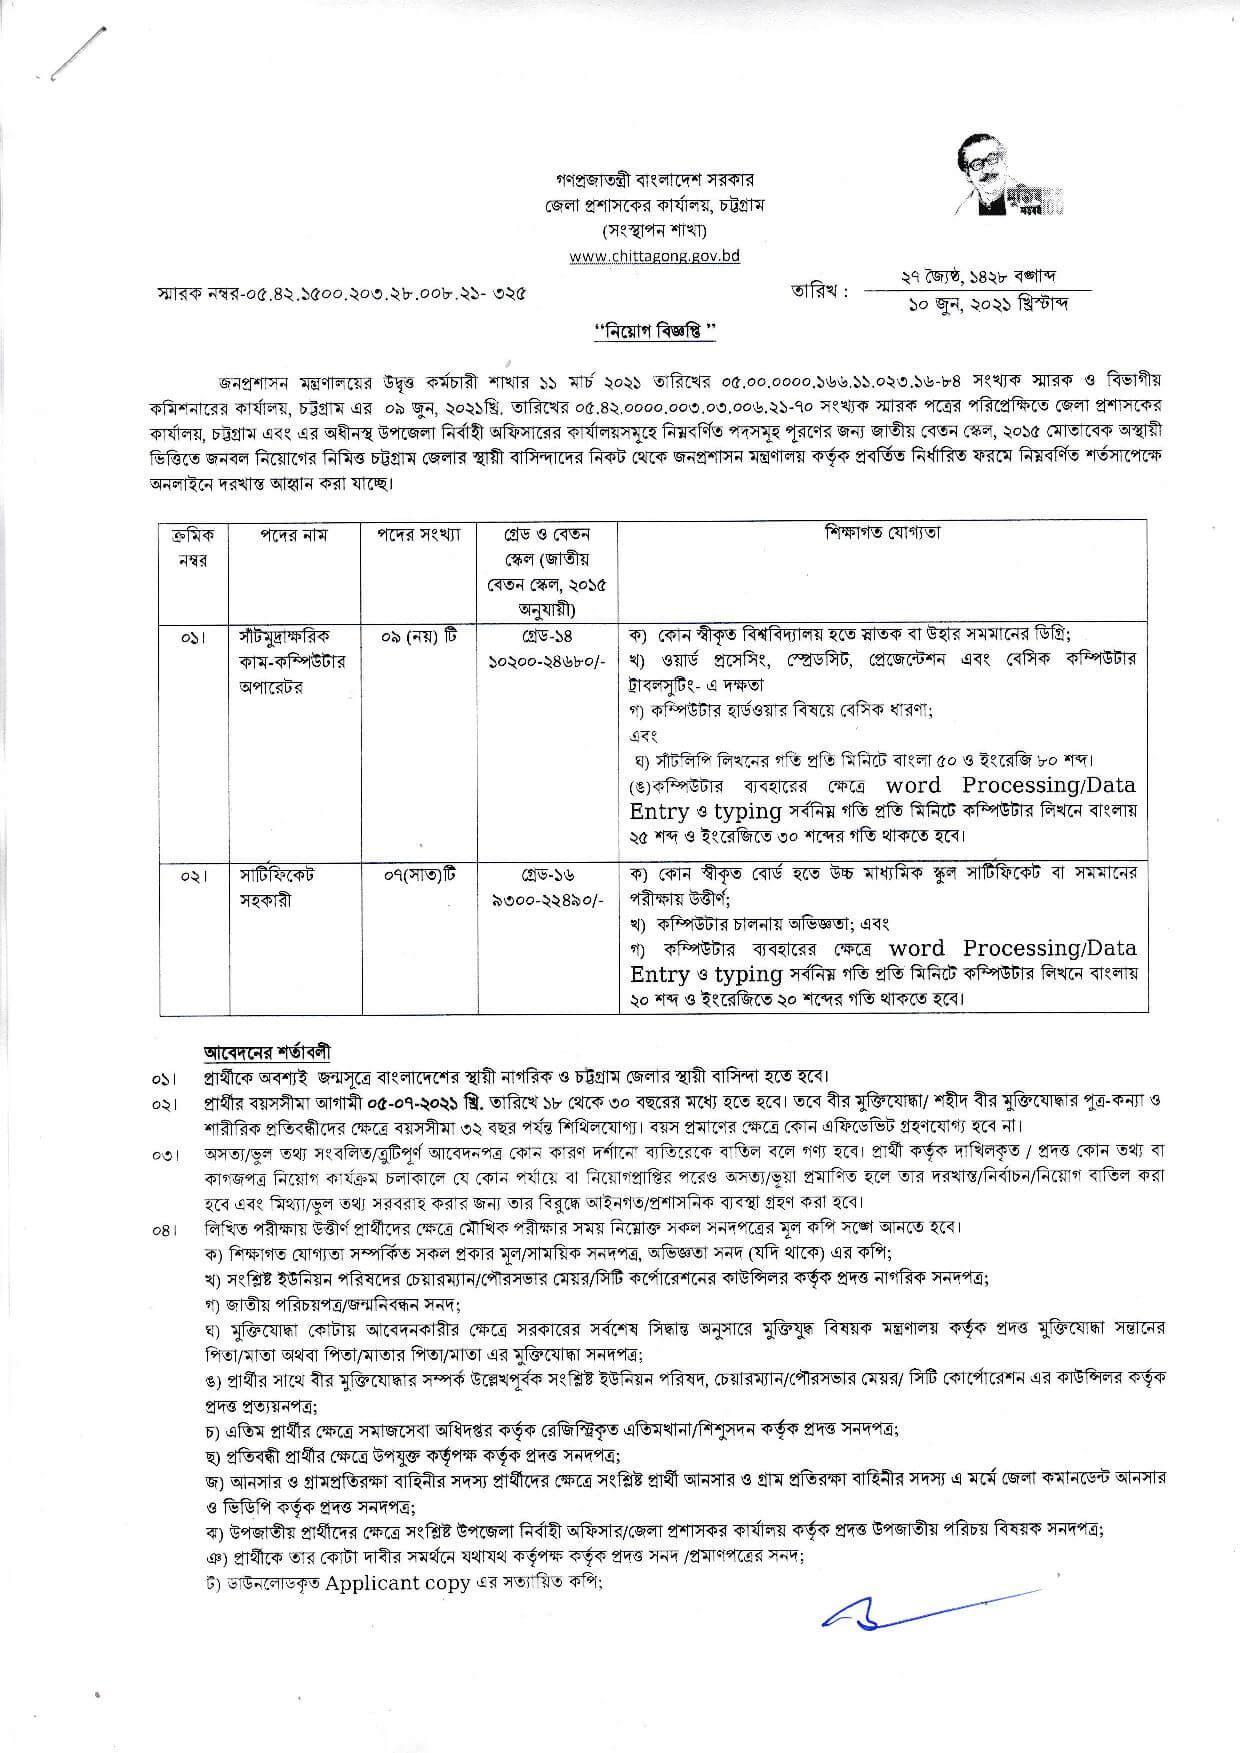 DCCTG Job Circular 2021